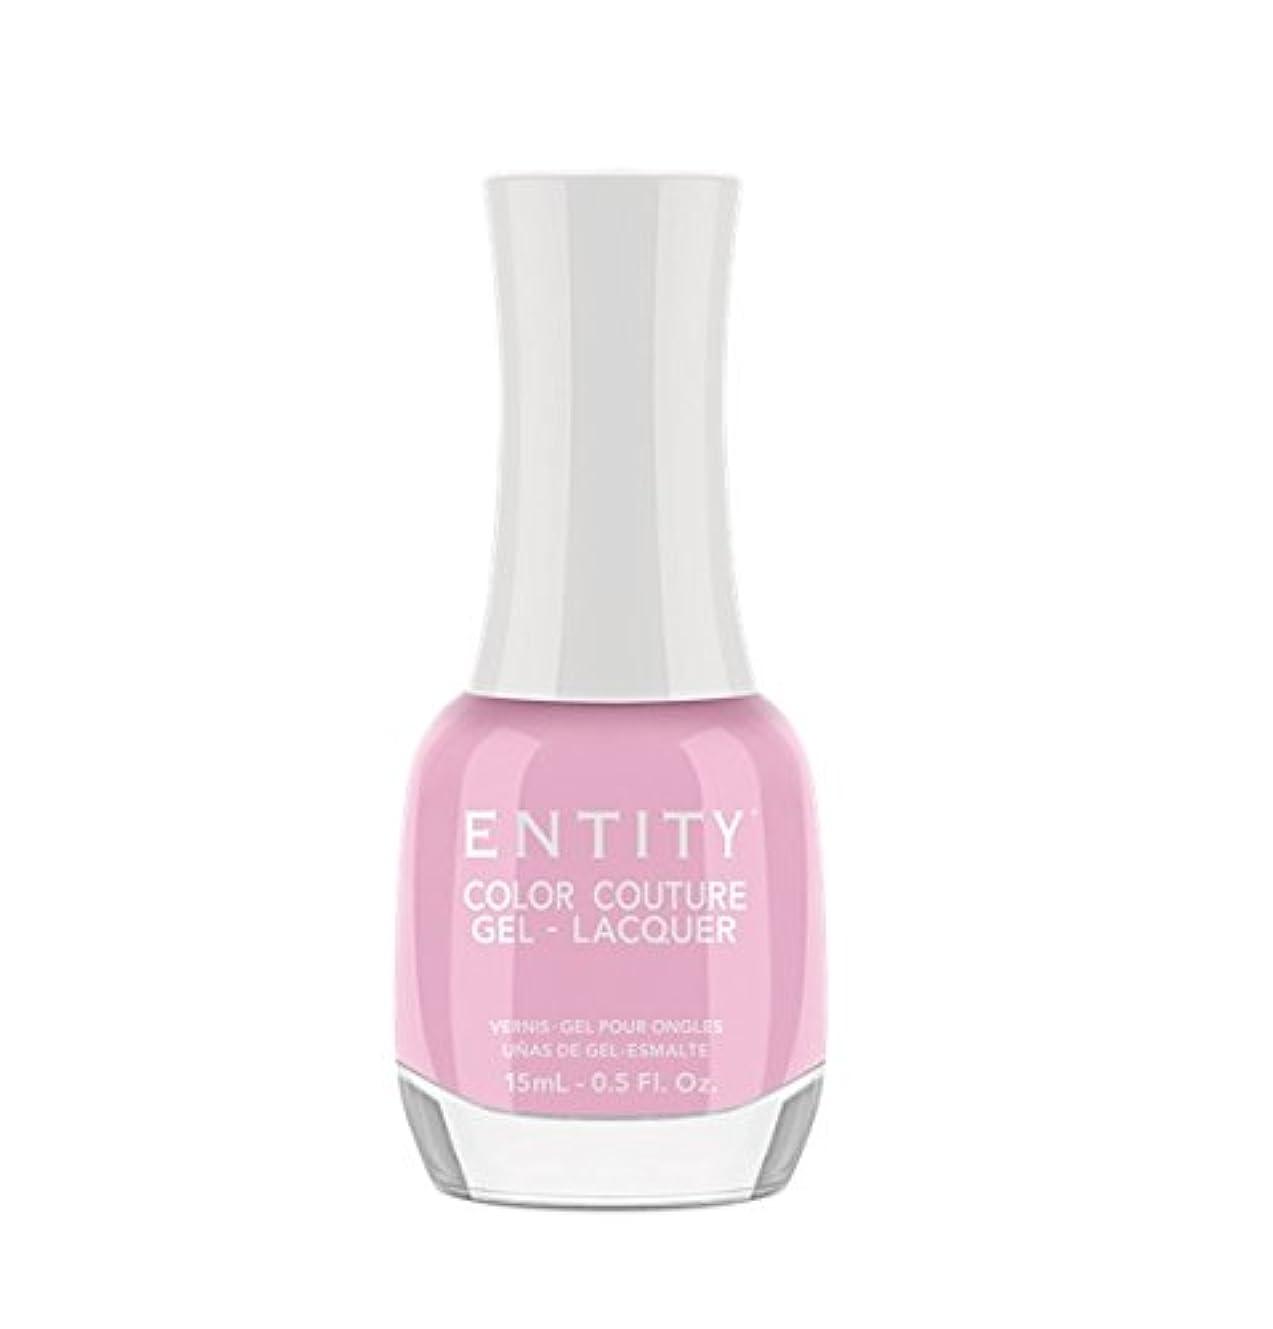 のぞき見ボトルバリーEntity Color Couture Gel-Lacquer - Beach Blanket - 15 ml/0.5 oz